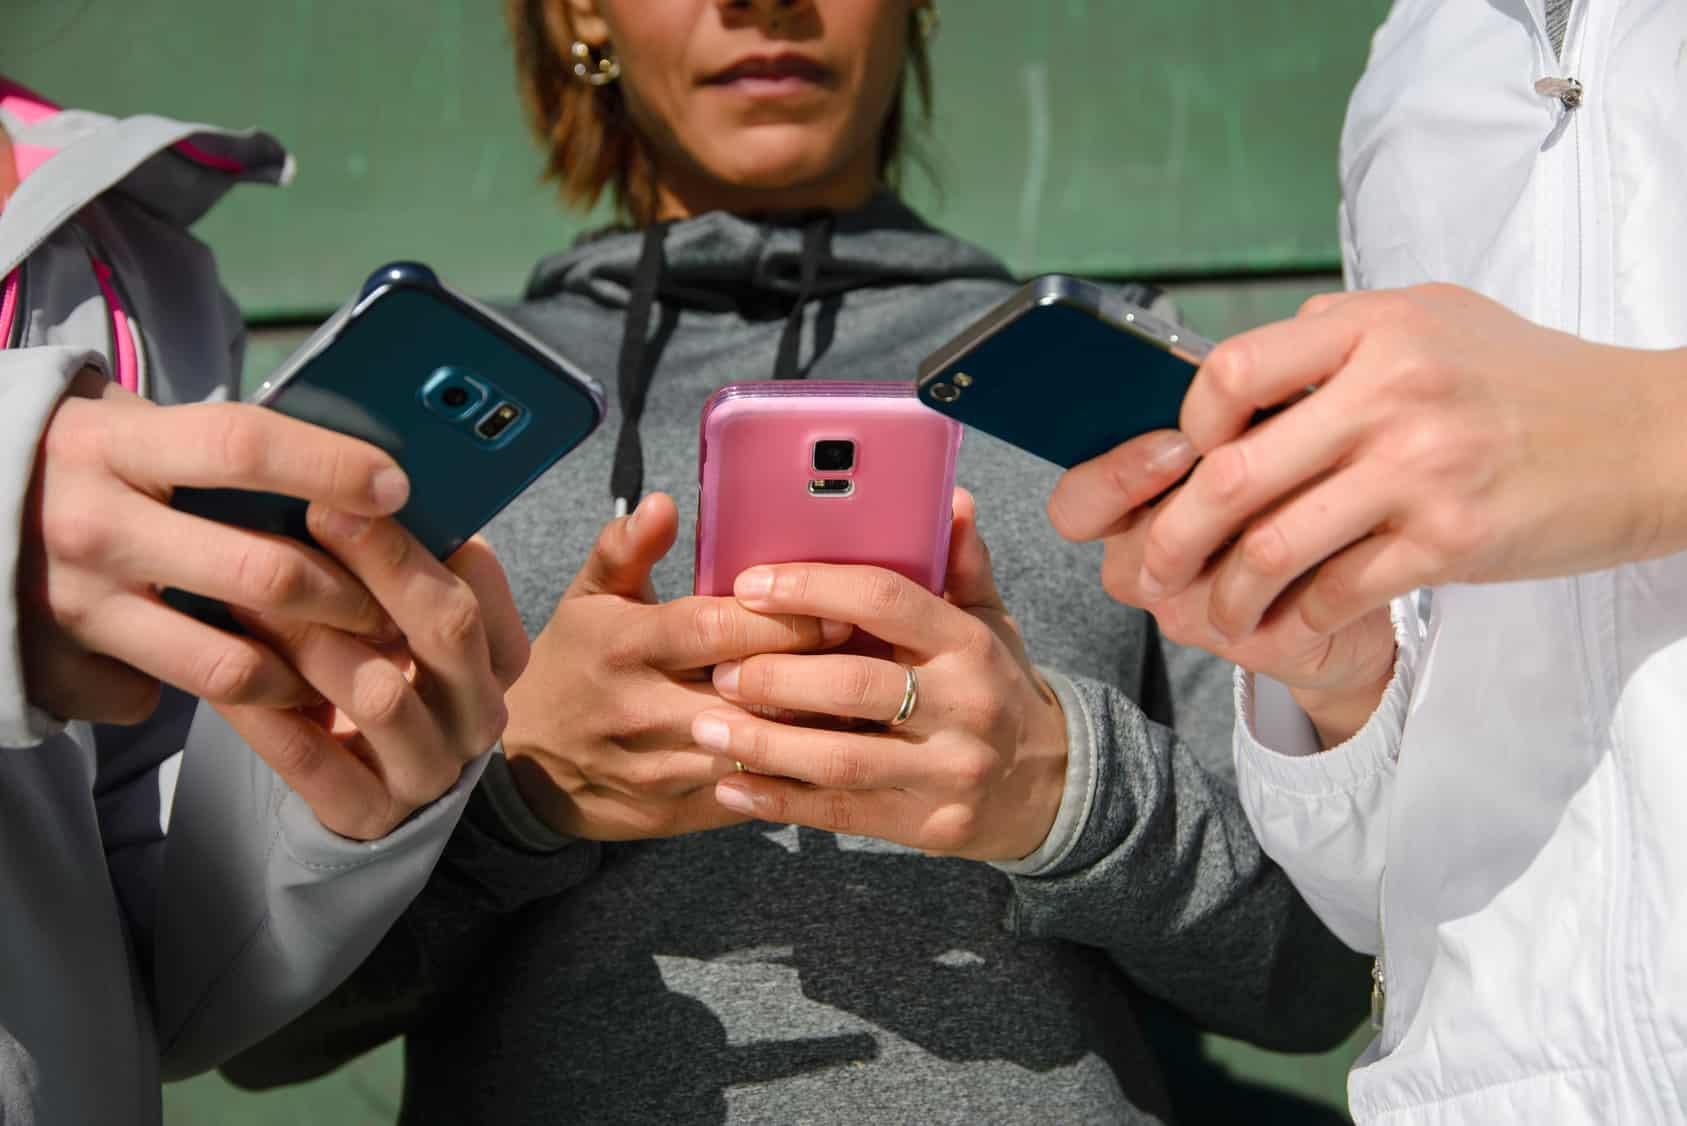 El proyecto de ley ha sido presentado por el miembro de la Cámara de Representantes, Mike Conaway, y pretende prohibir a cualquier oficina del gobierno contratar empresas que utilicen equipos de telecomunicaciones de las dos marcas chinas.